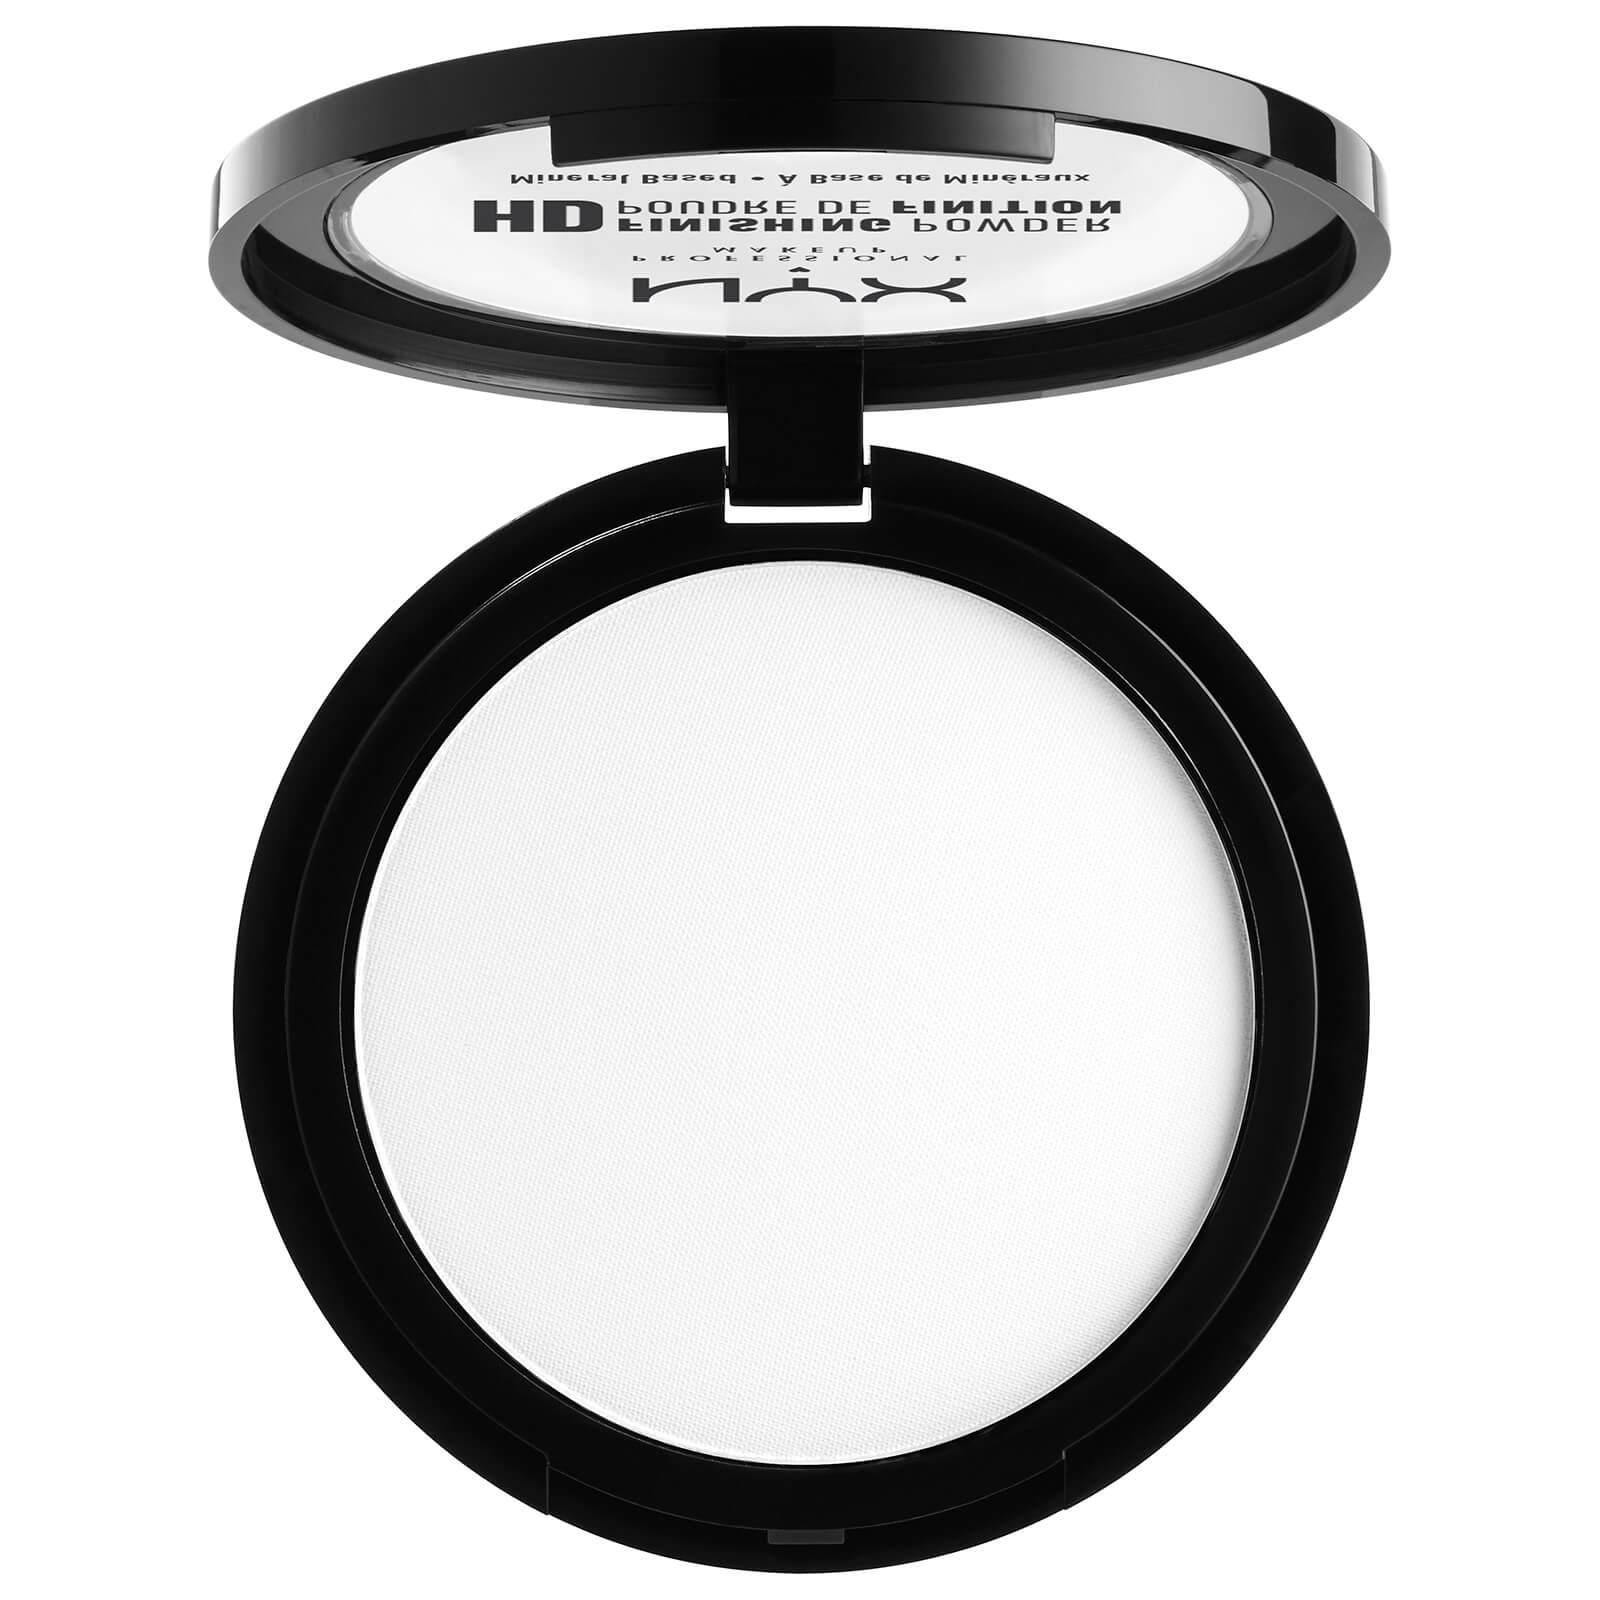 Купить Фиксирующая пудра для лица NYX Professional Makeup High Definition Finishing Powder (различные оттенки) - Translucent